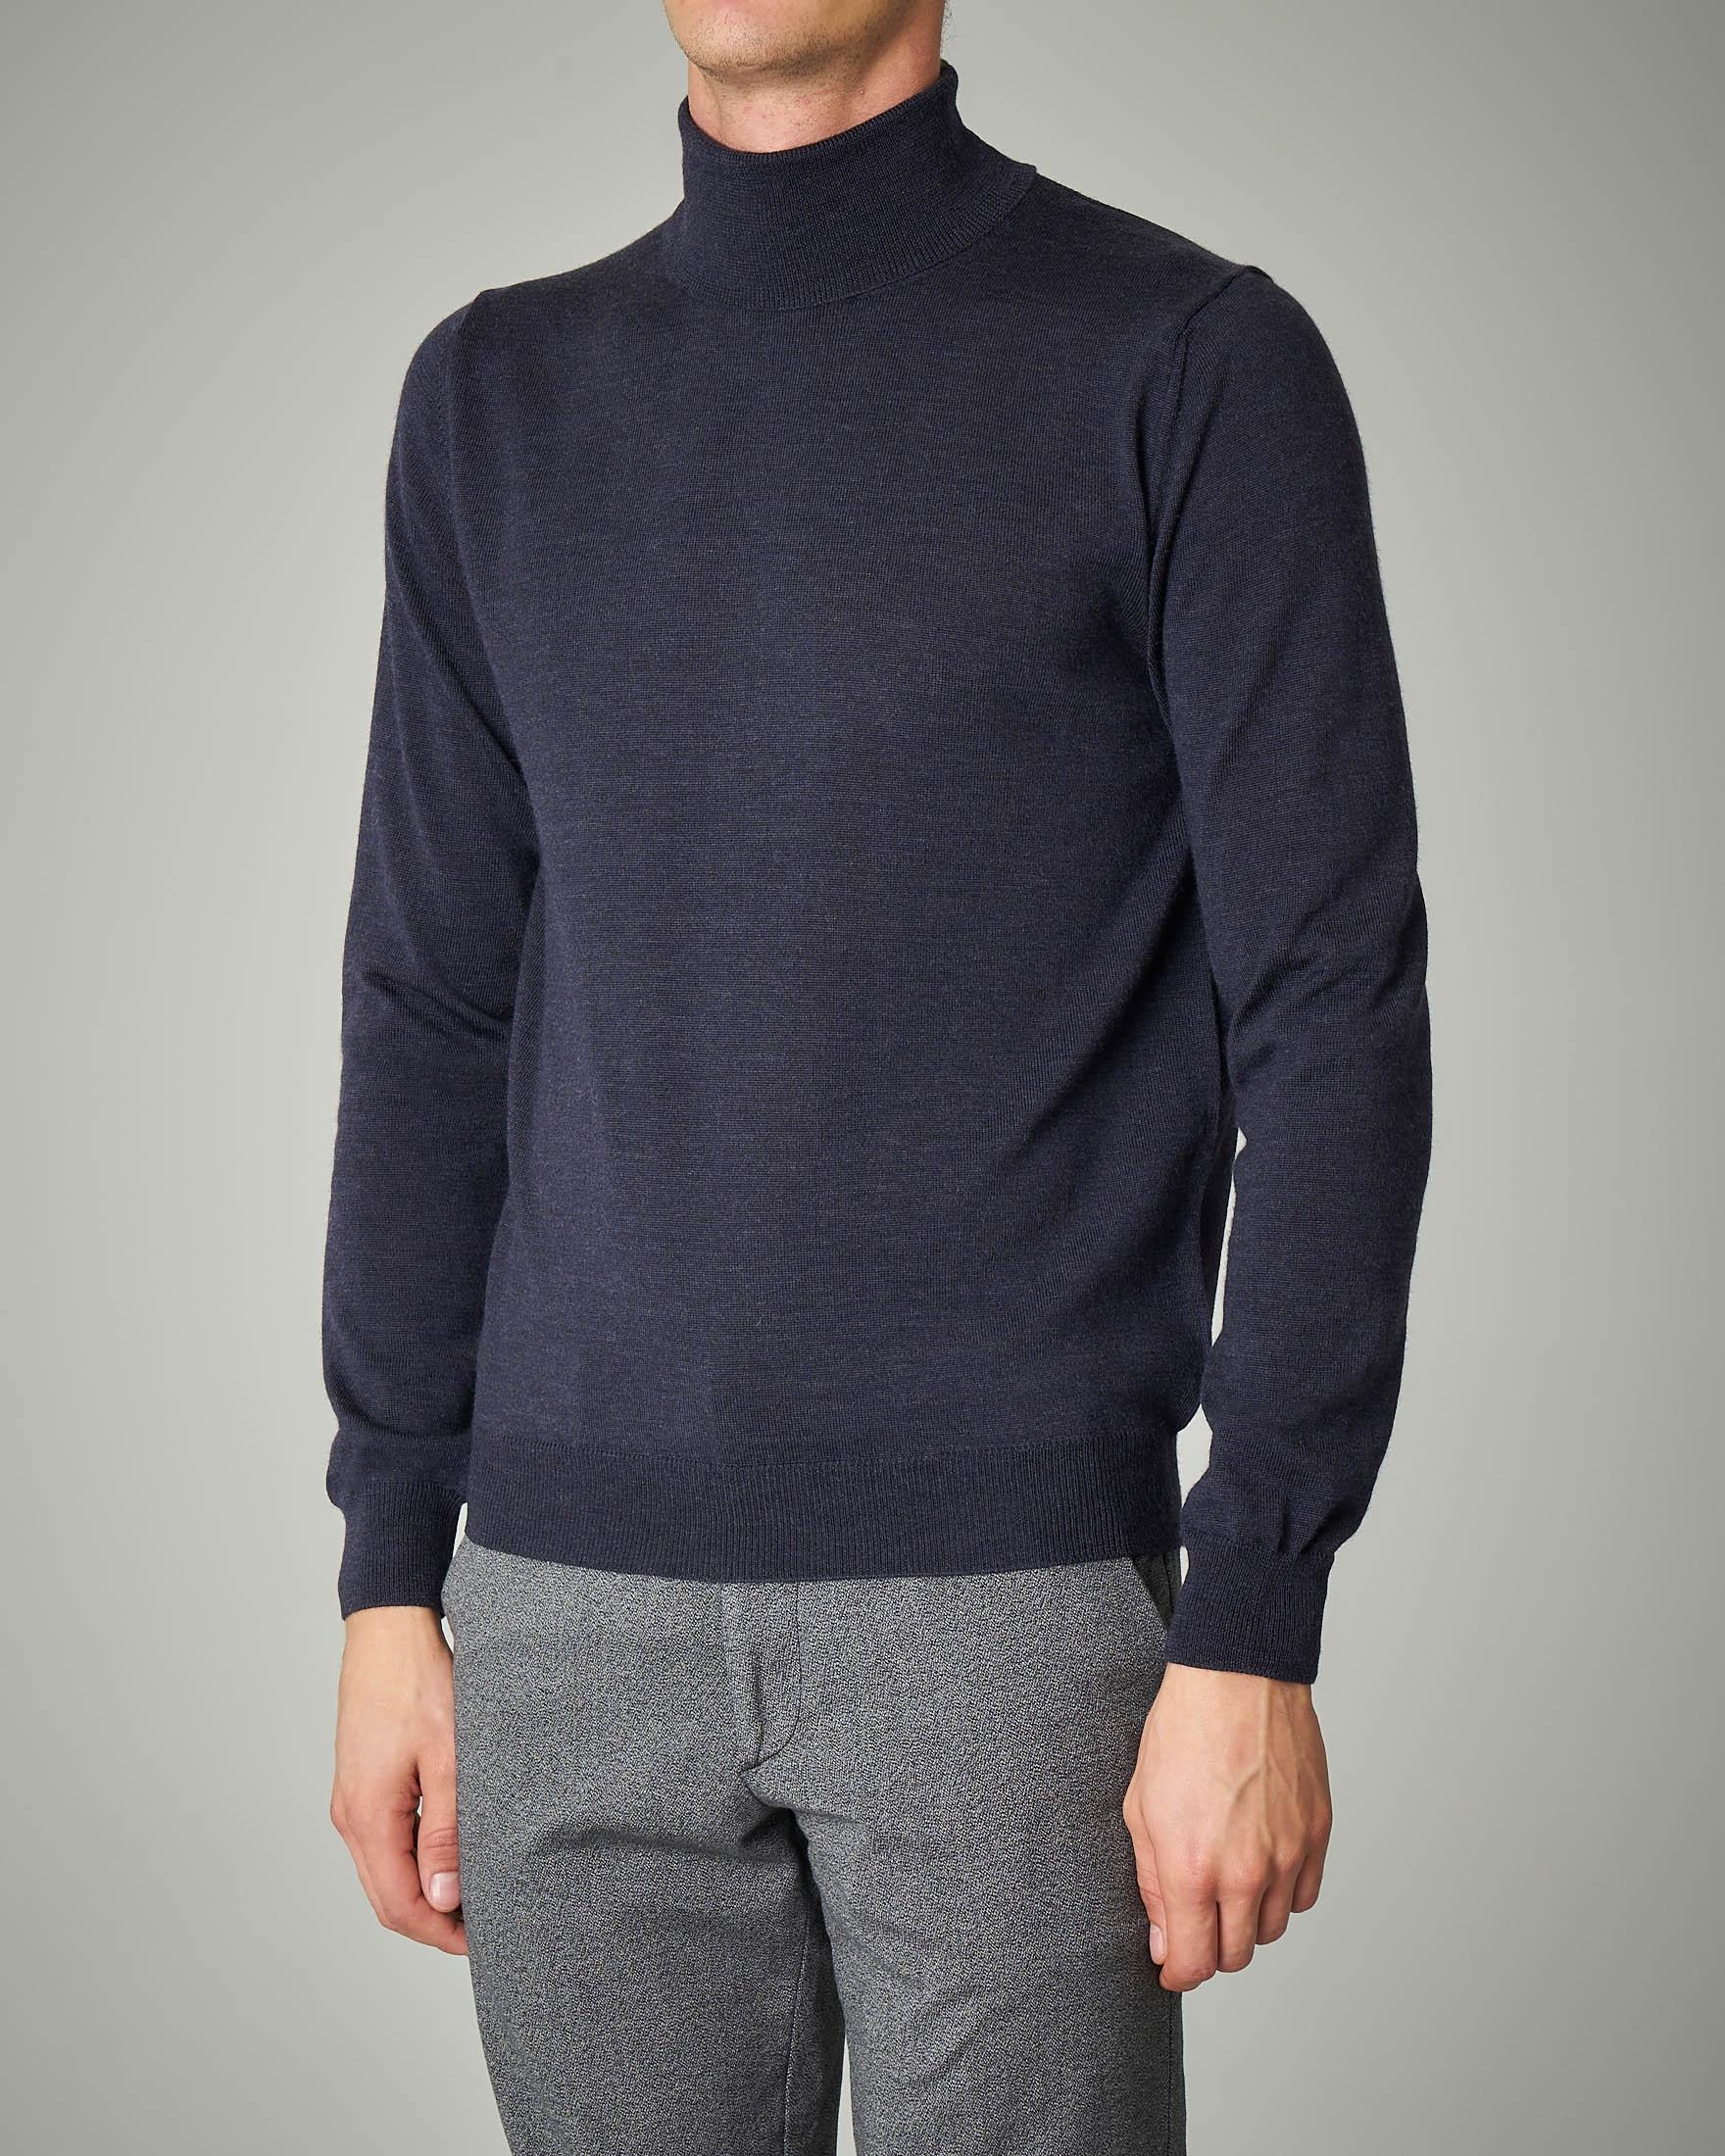 Dolcevita blu melange in lana merino